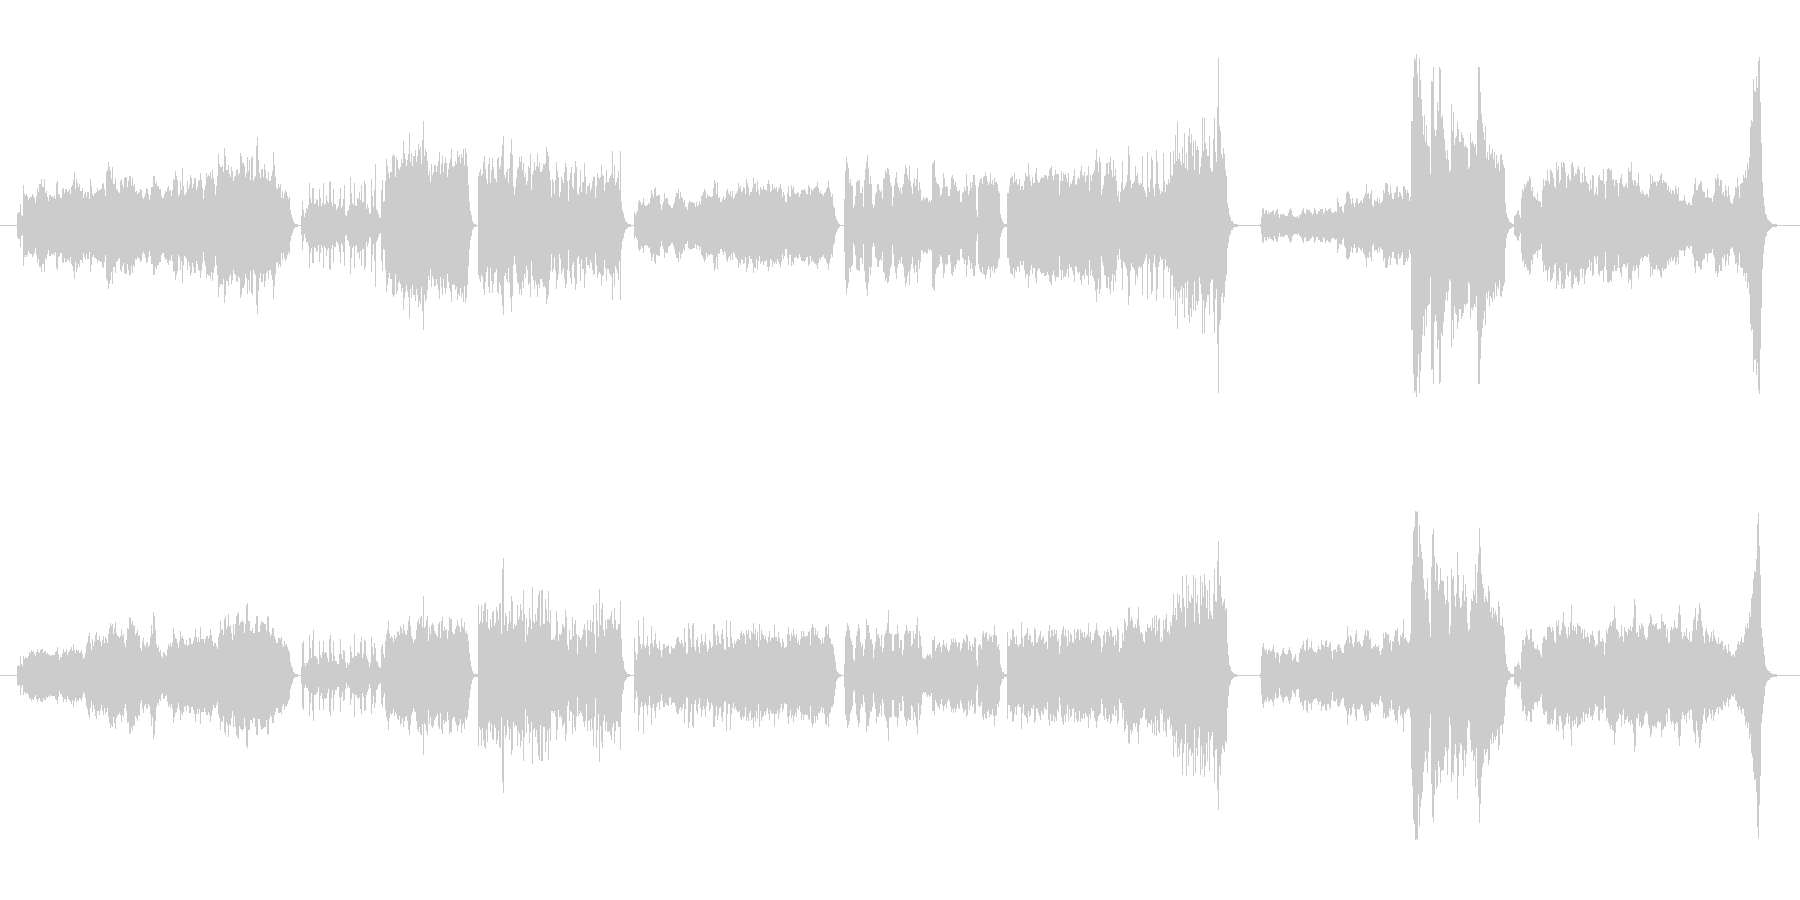 アメージンググレイスのオーケストラ変奏曲の未再生の波形